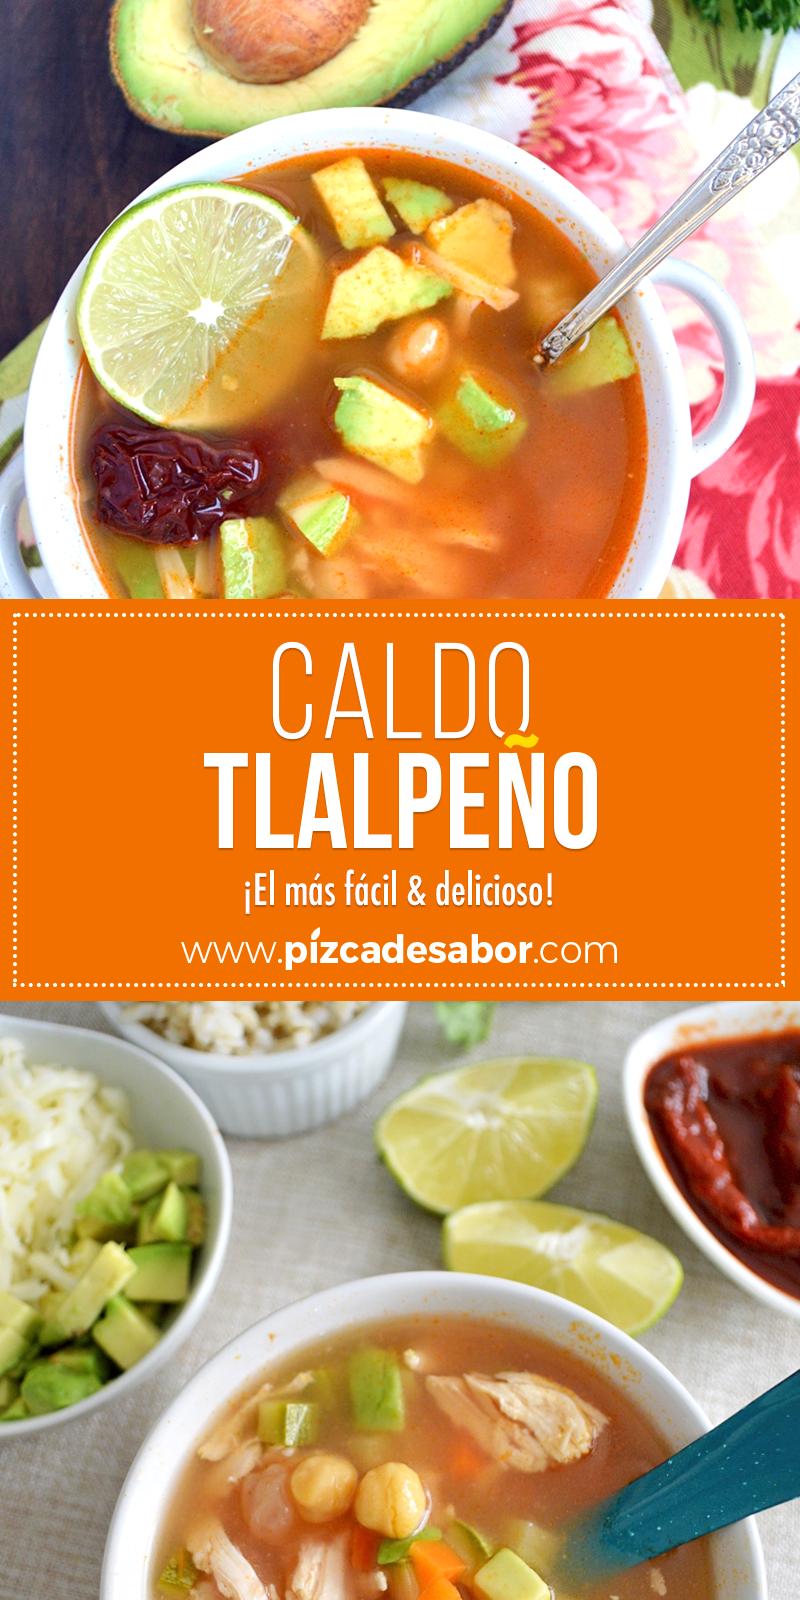 Cómo Hacer Caldo Tlalpeño El Más Fácil Delicioso Receta Caldo Tlalpeño Receta Recetas De Comida Mexicana Kiwilimon Recetas Comida